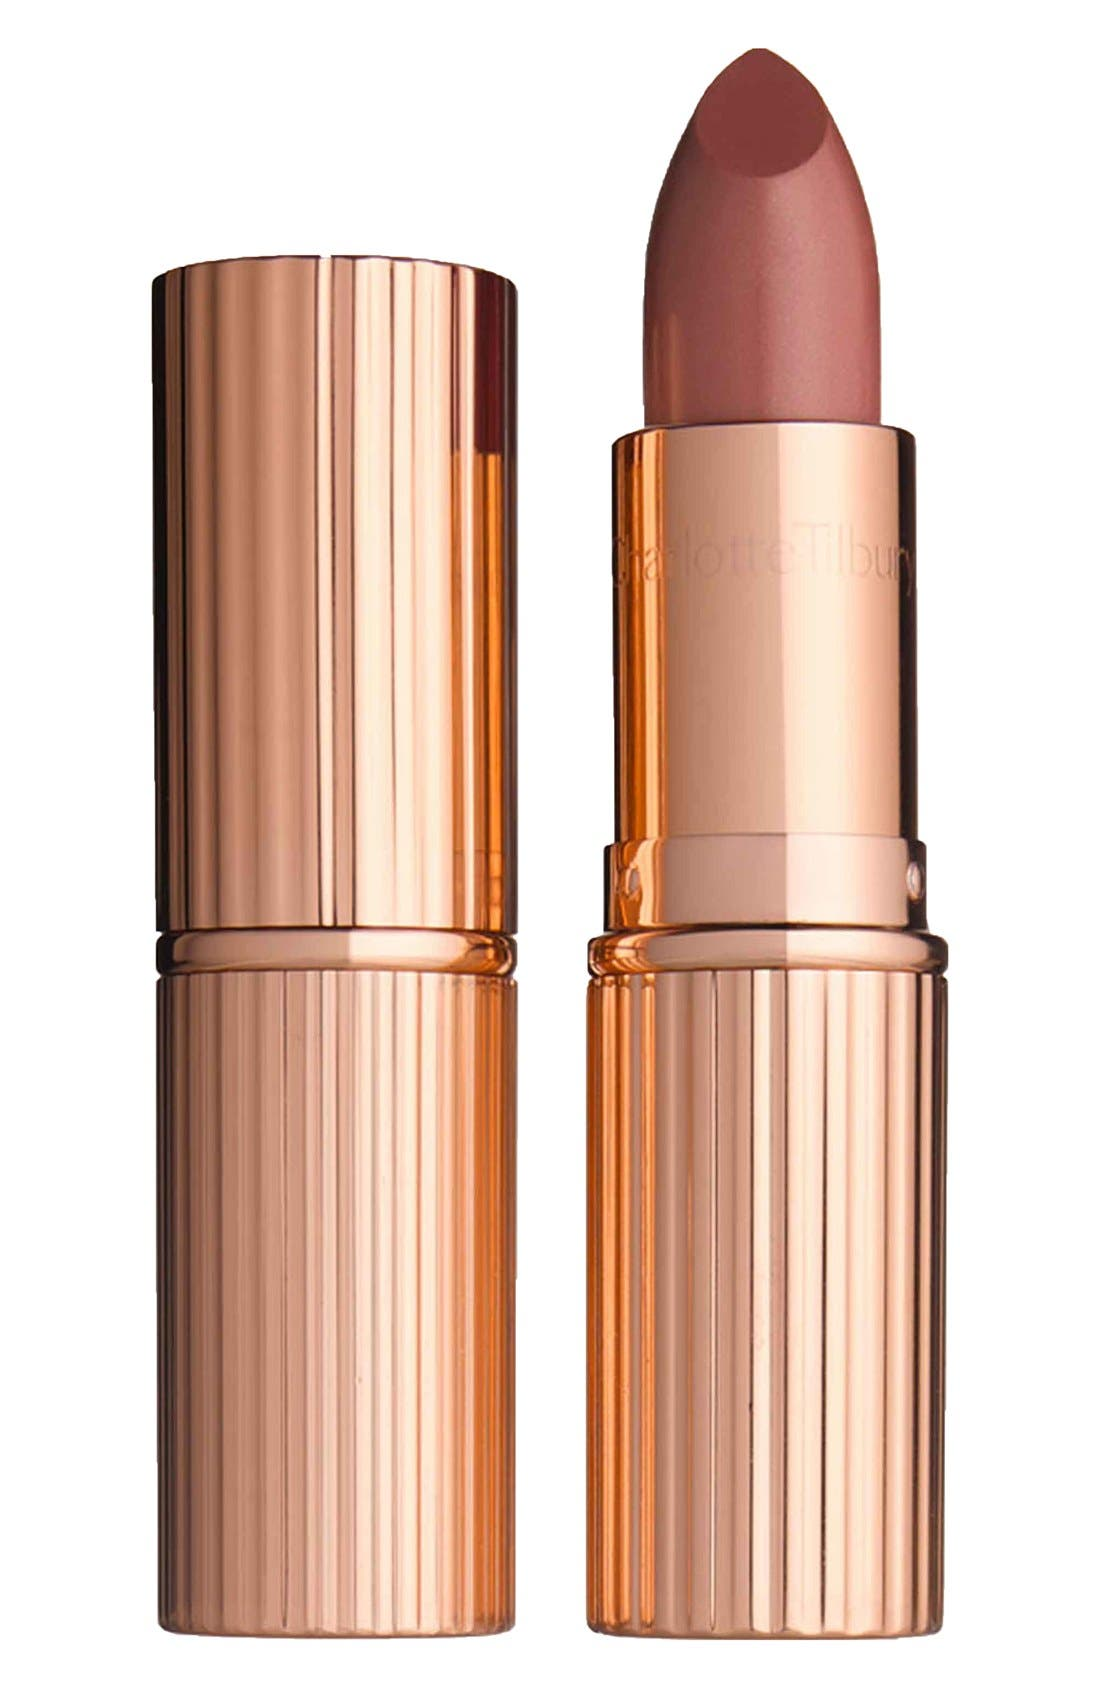 Charlotte Tilbury 'K.I.S.S.I.N.G' Lipstick